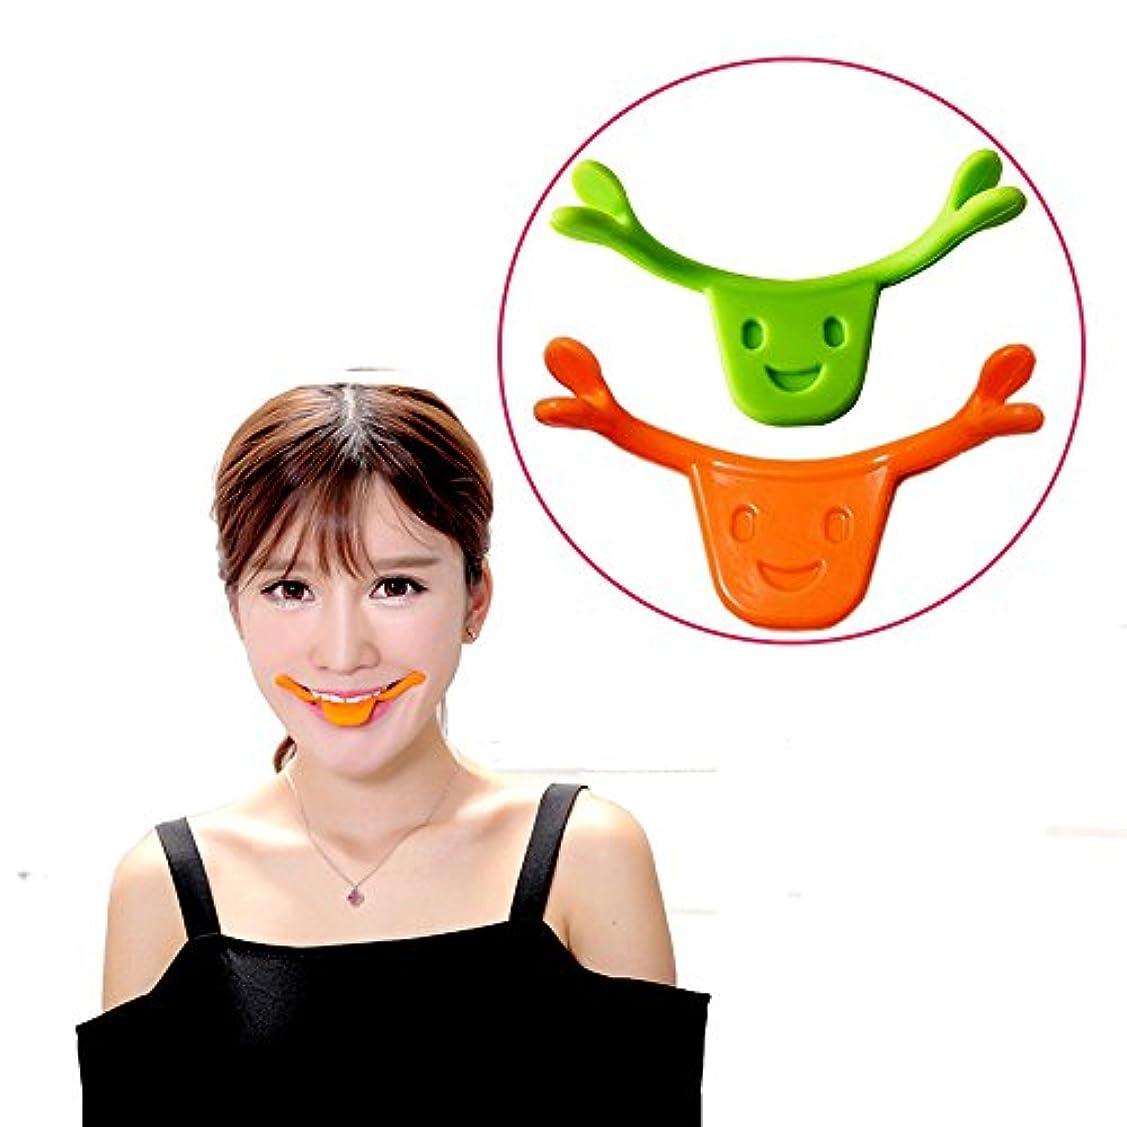 表情筋 トレーニング 小顔 ストレッチ ほうれい線 二重 あご 消す 口角を上げるグッズ 美顔 顔痩せ リフトアップ マウスピース フェイシャルフィットネス (オレンジ)